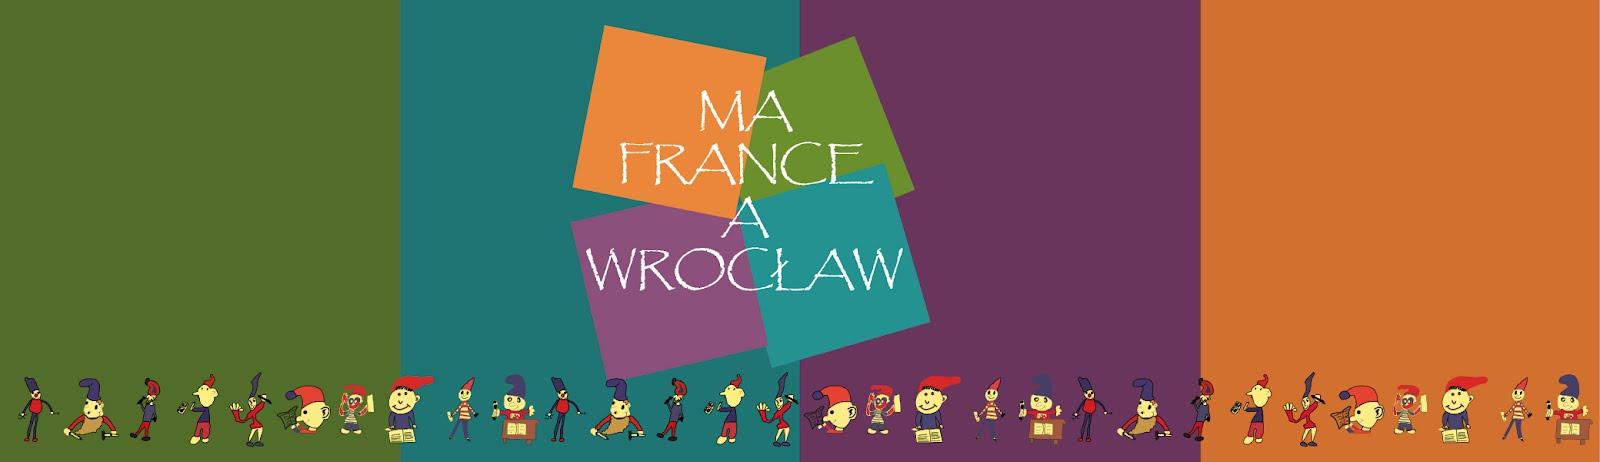 mafranceawroclaw